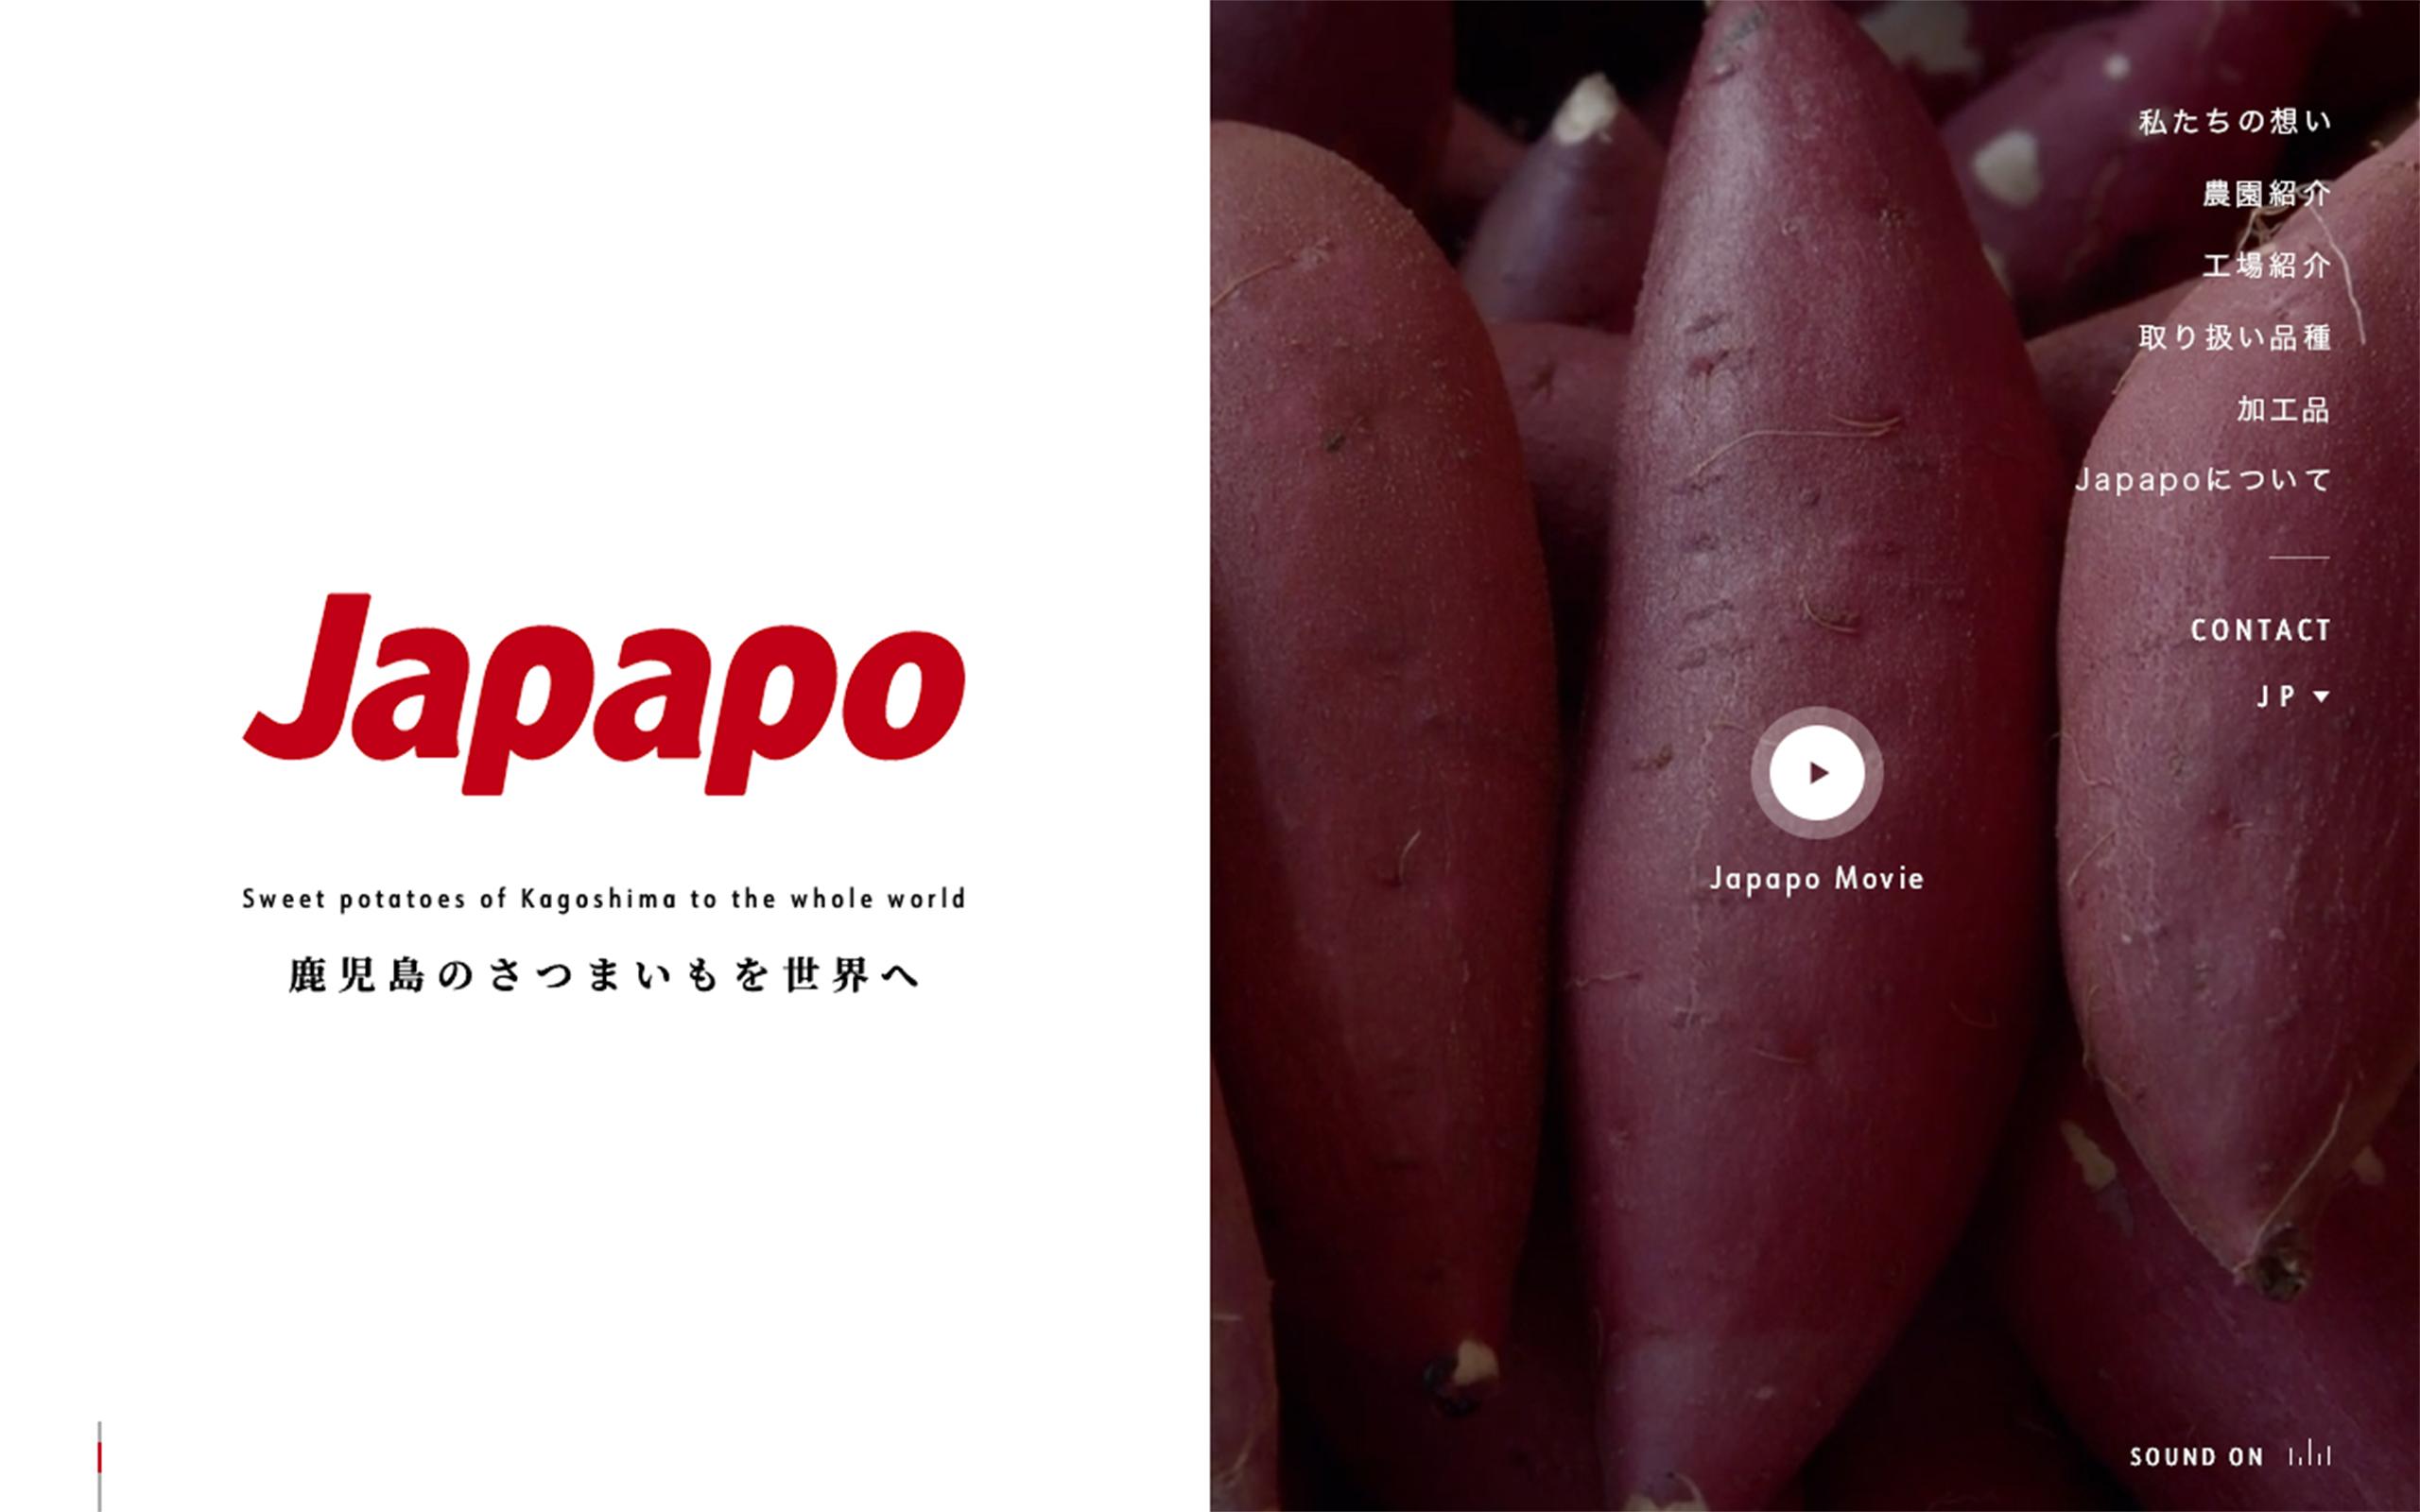 Japapo